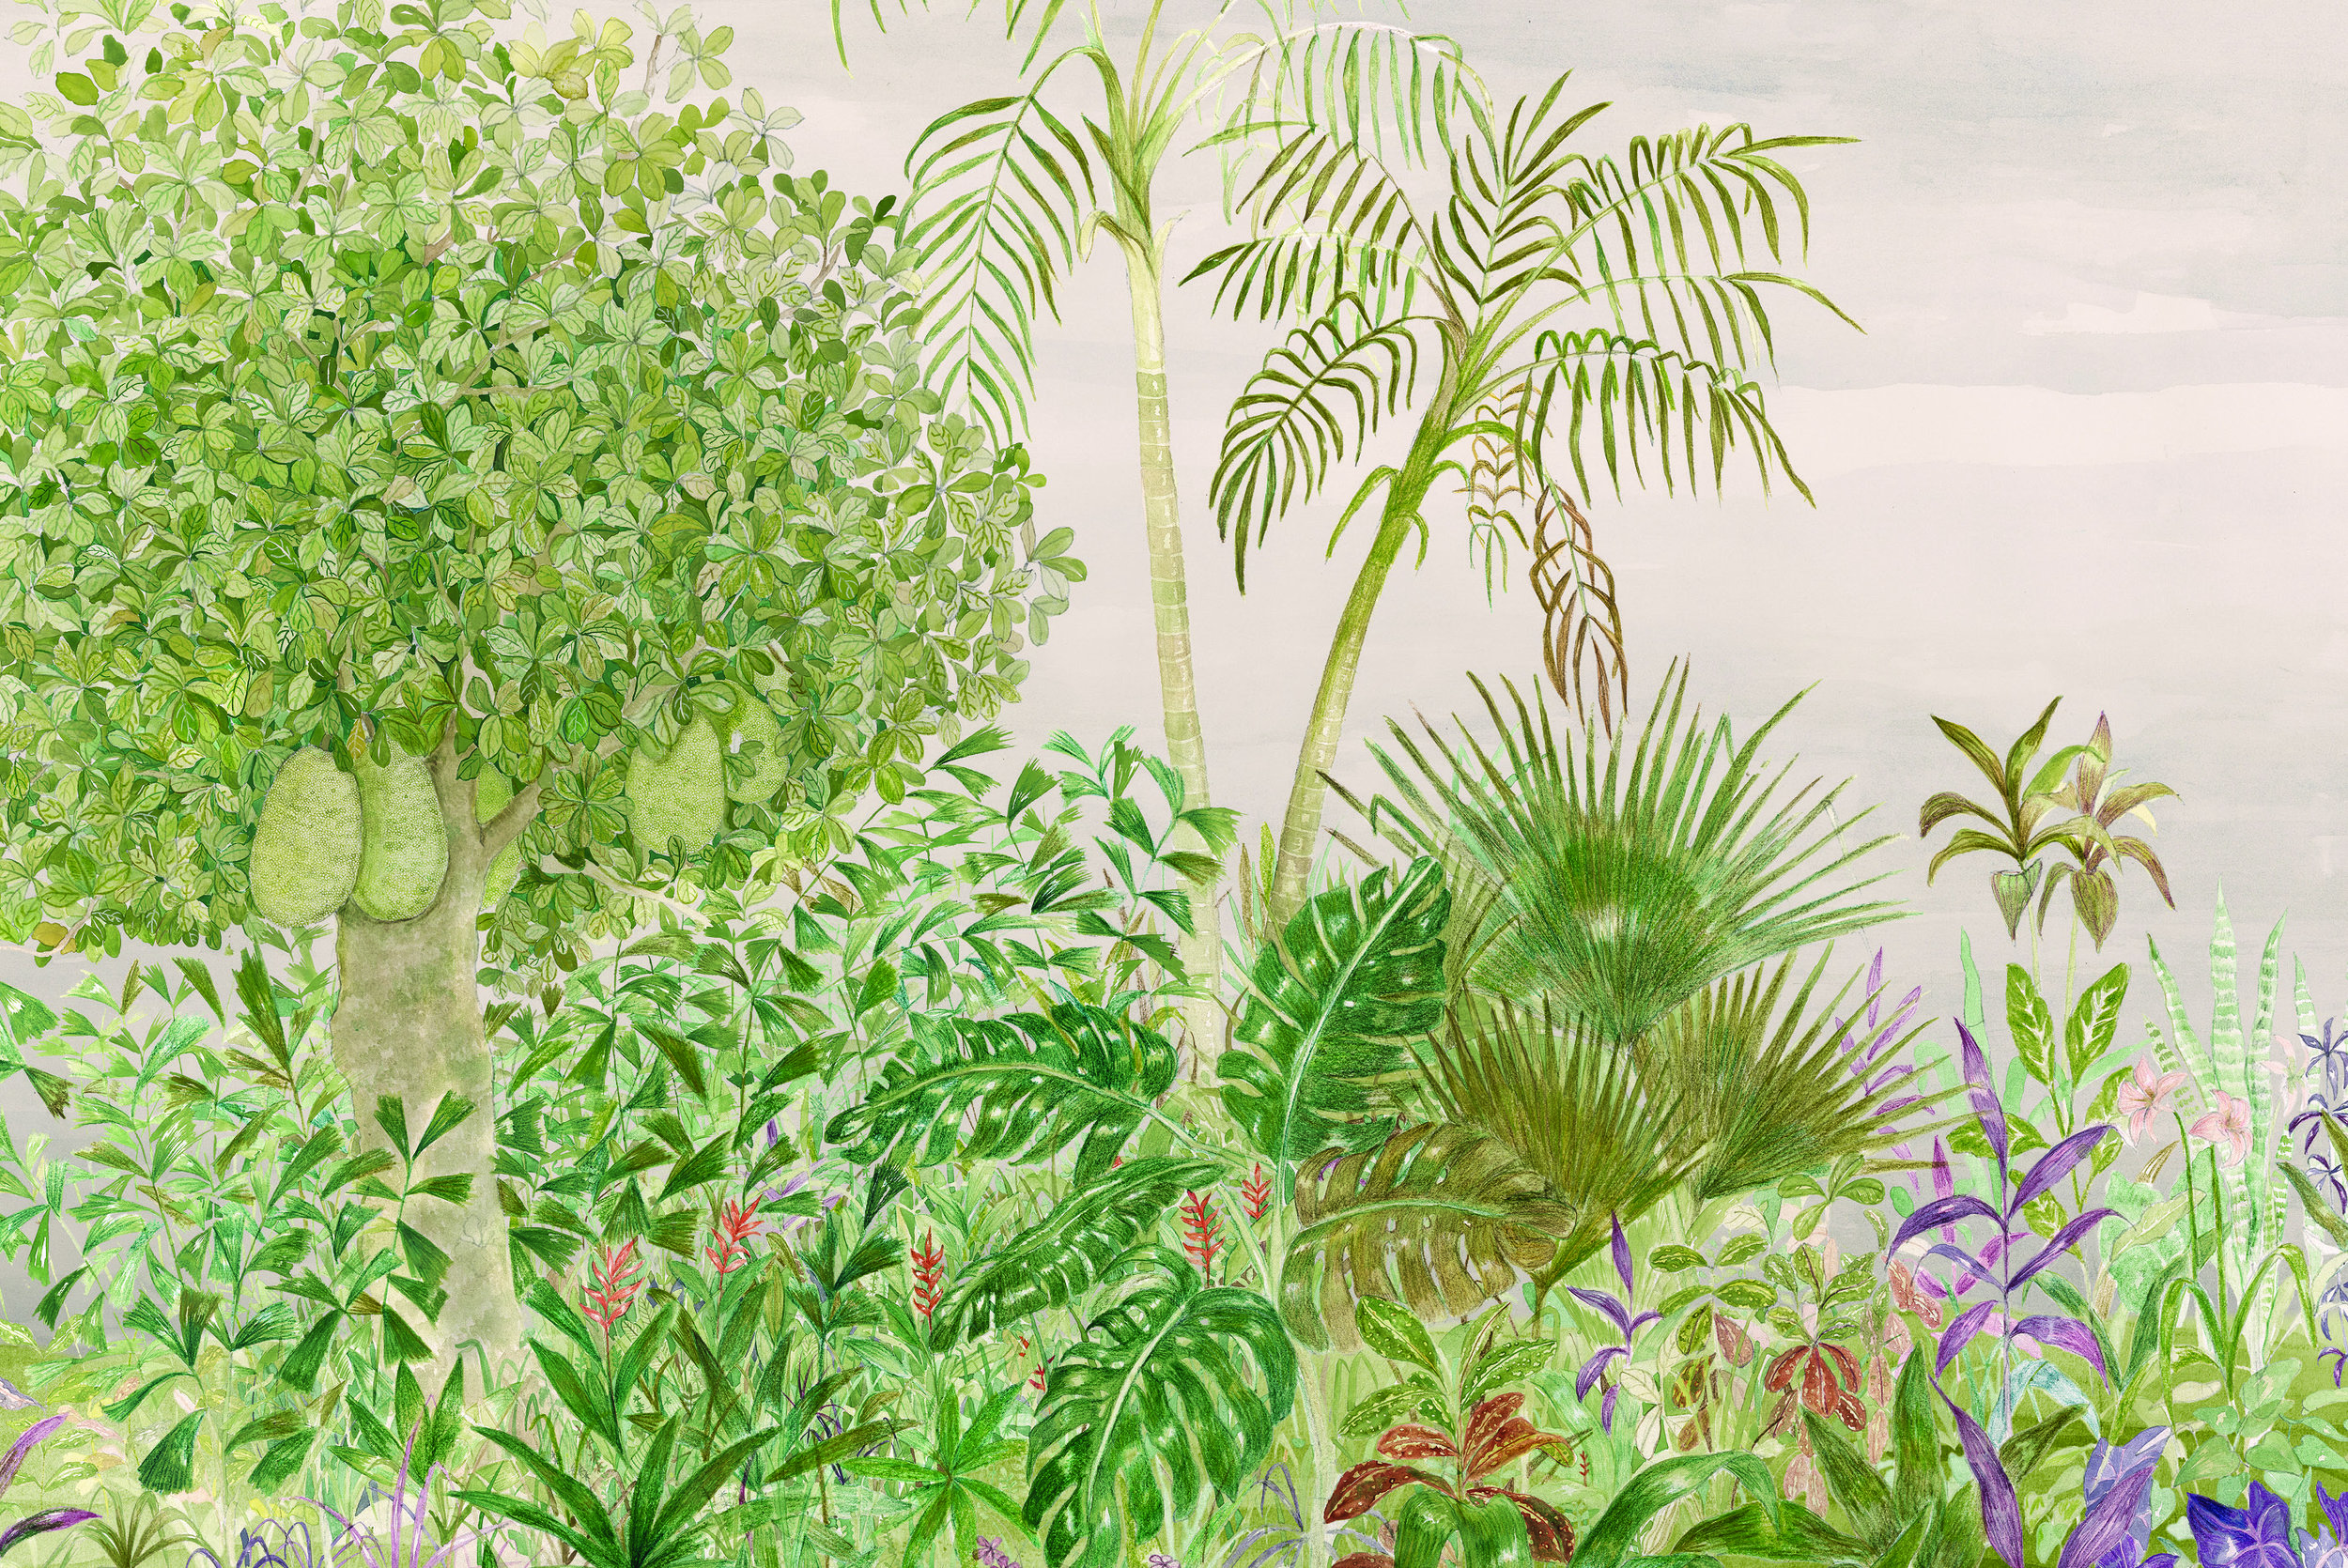 Wildgarden wallpaper_Flat_for WEBSITE14.jpg